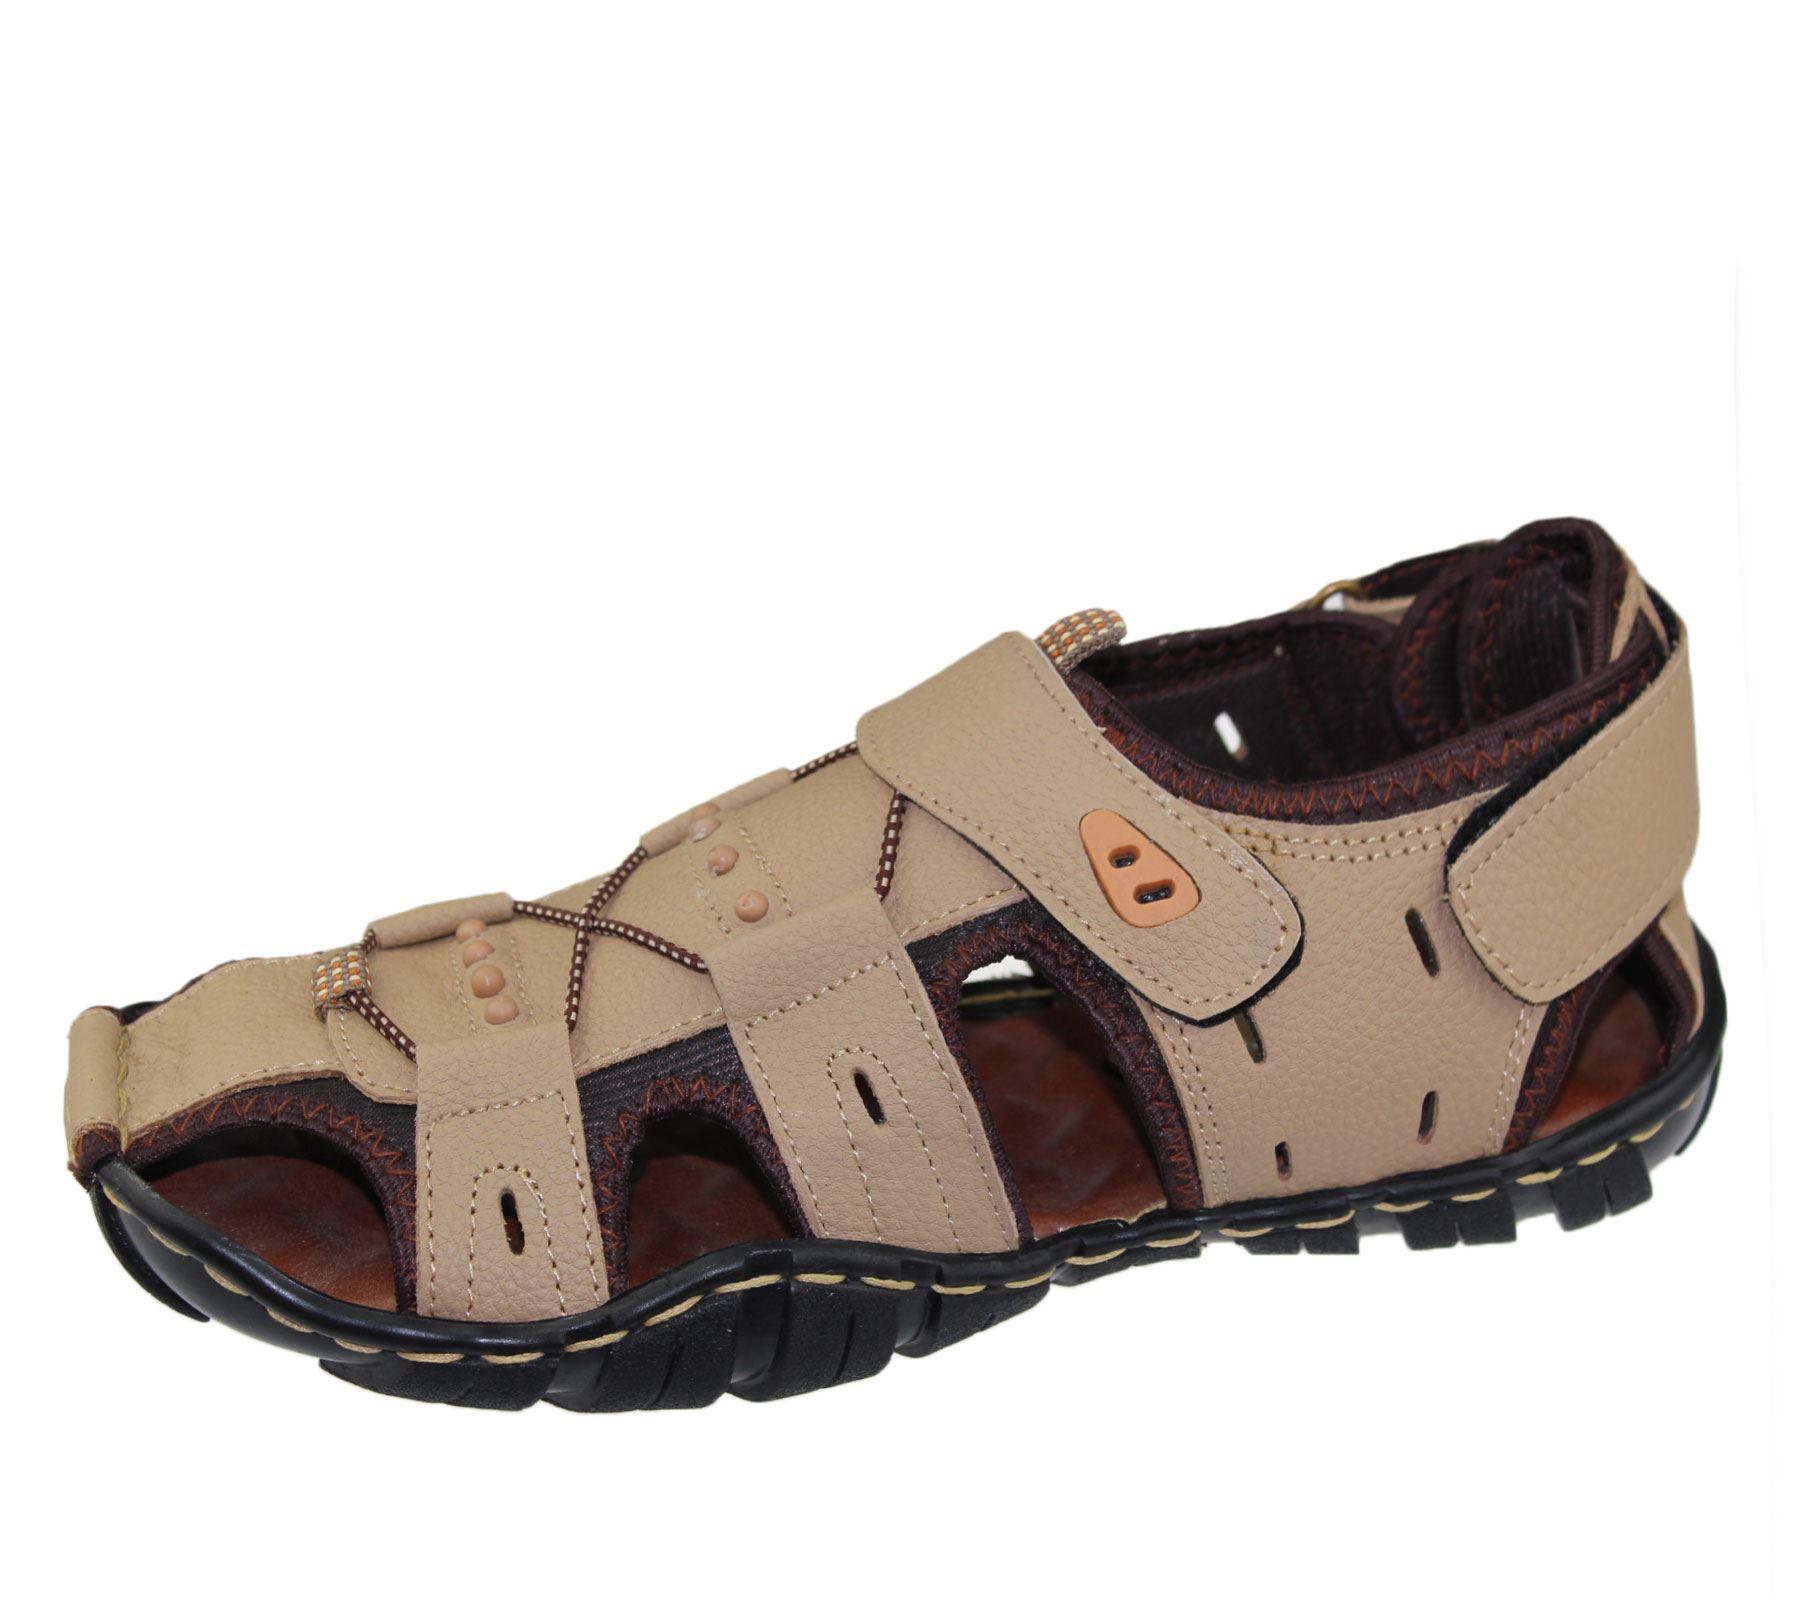 Mens-Sandal-Beach-Buckle-Walking-Fashion-Summer-Casual-Slipper miniatura 21